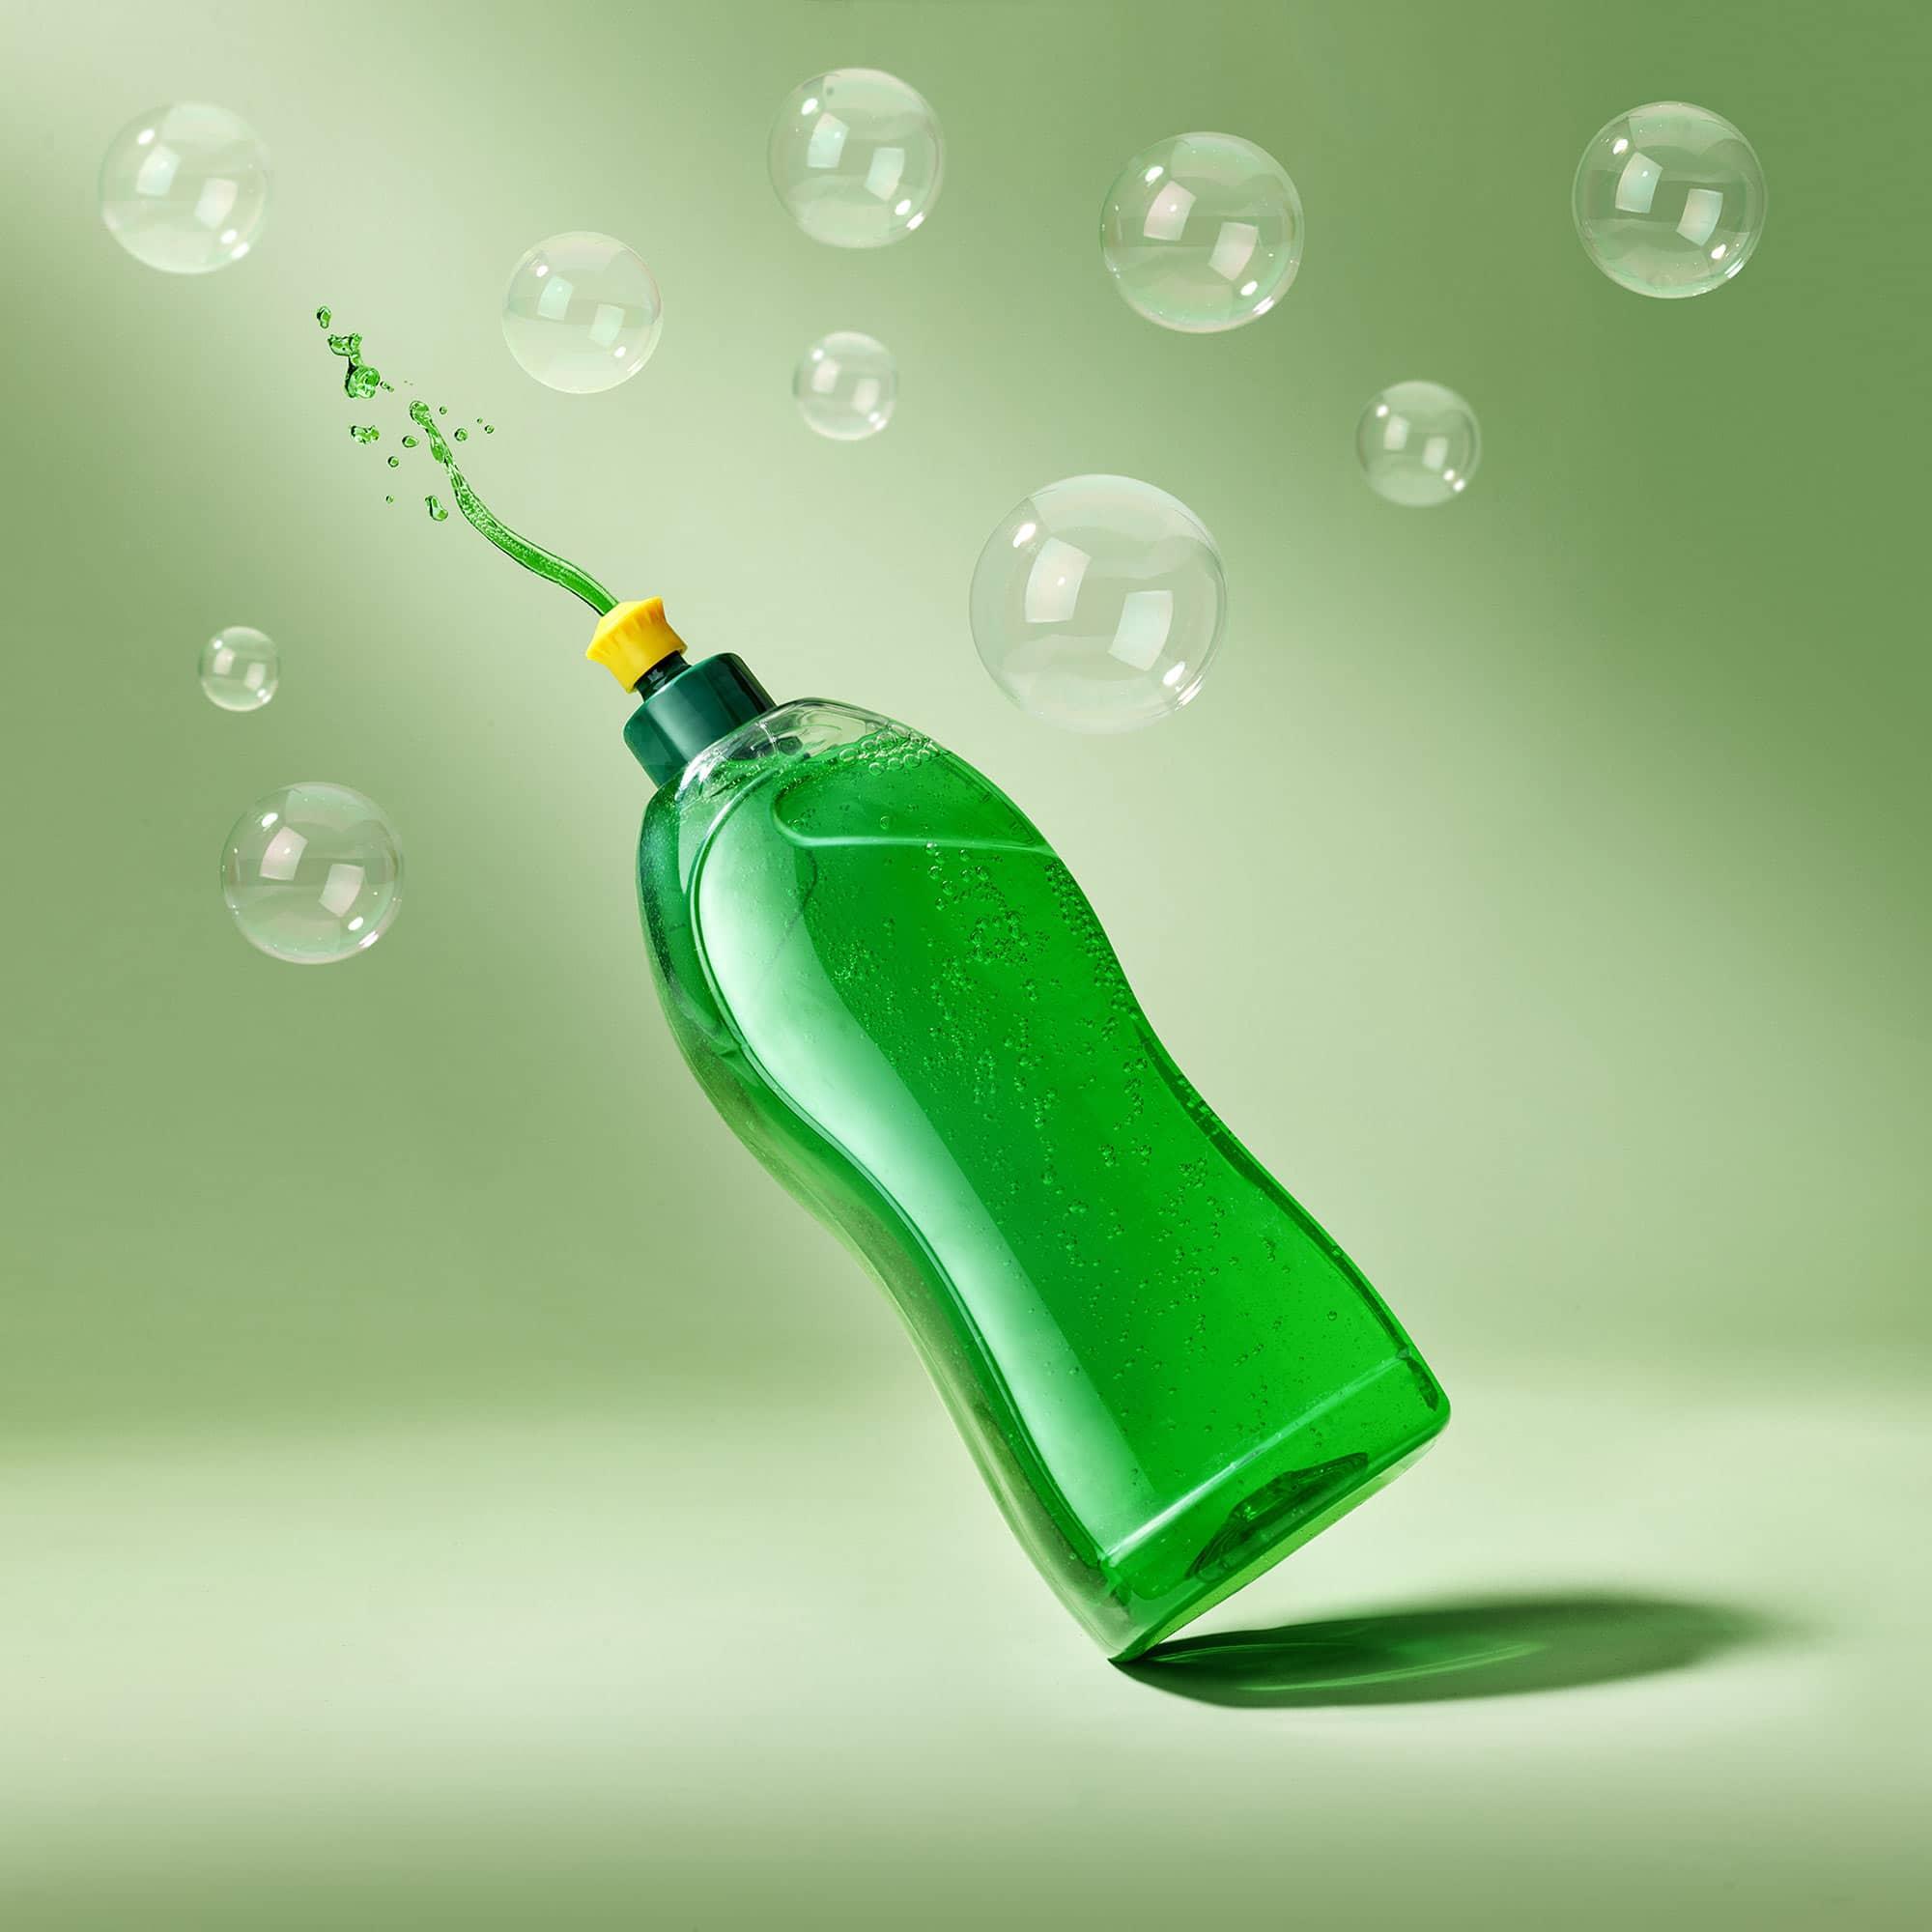 Green Dish Soap Bubbles Still Life Shot for Corepla by Fotografando